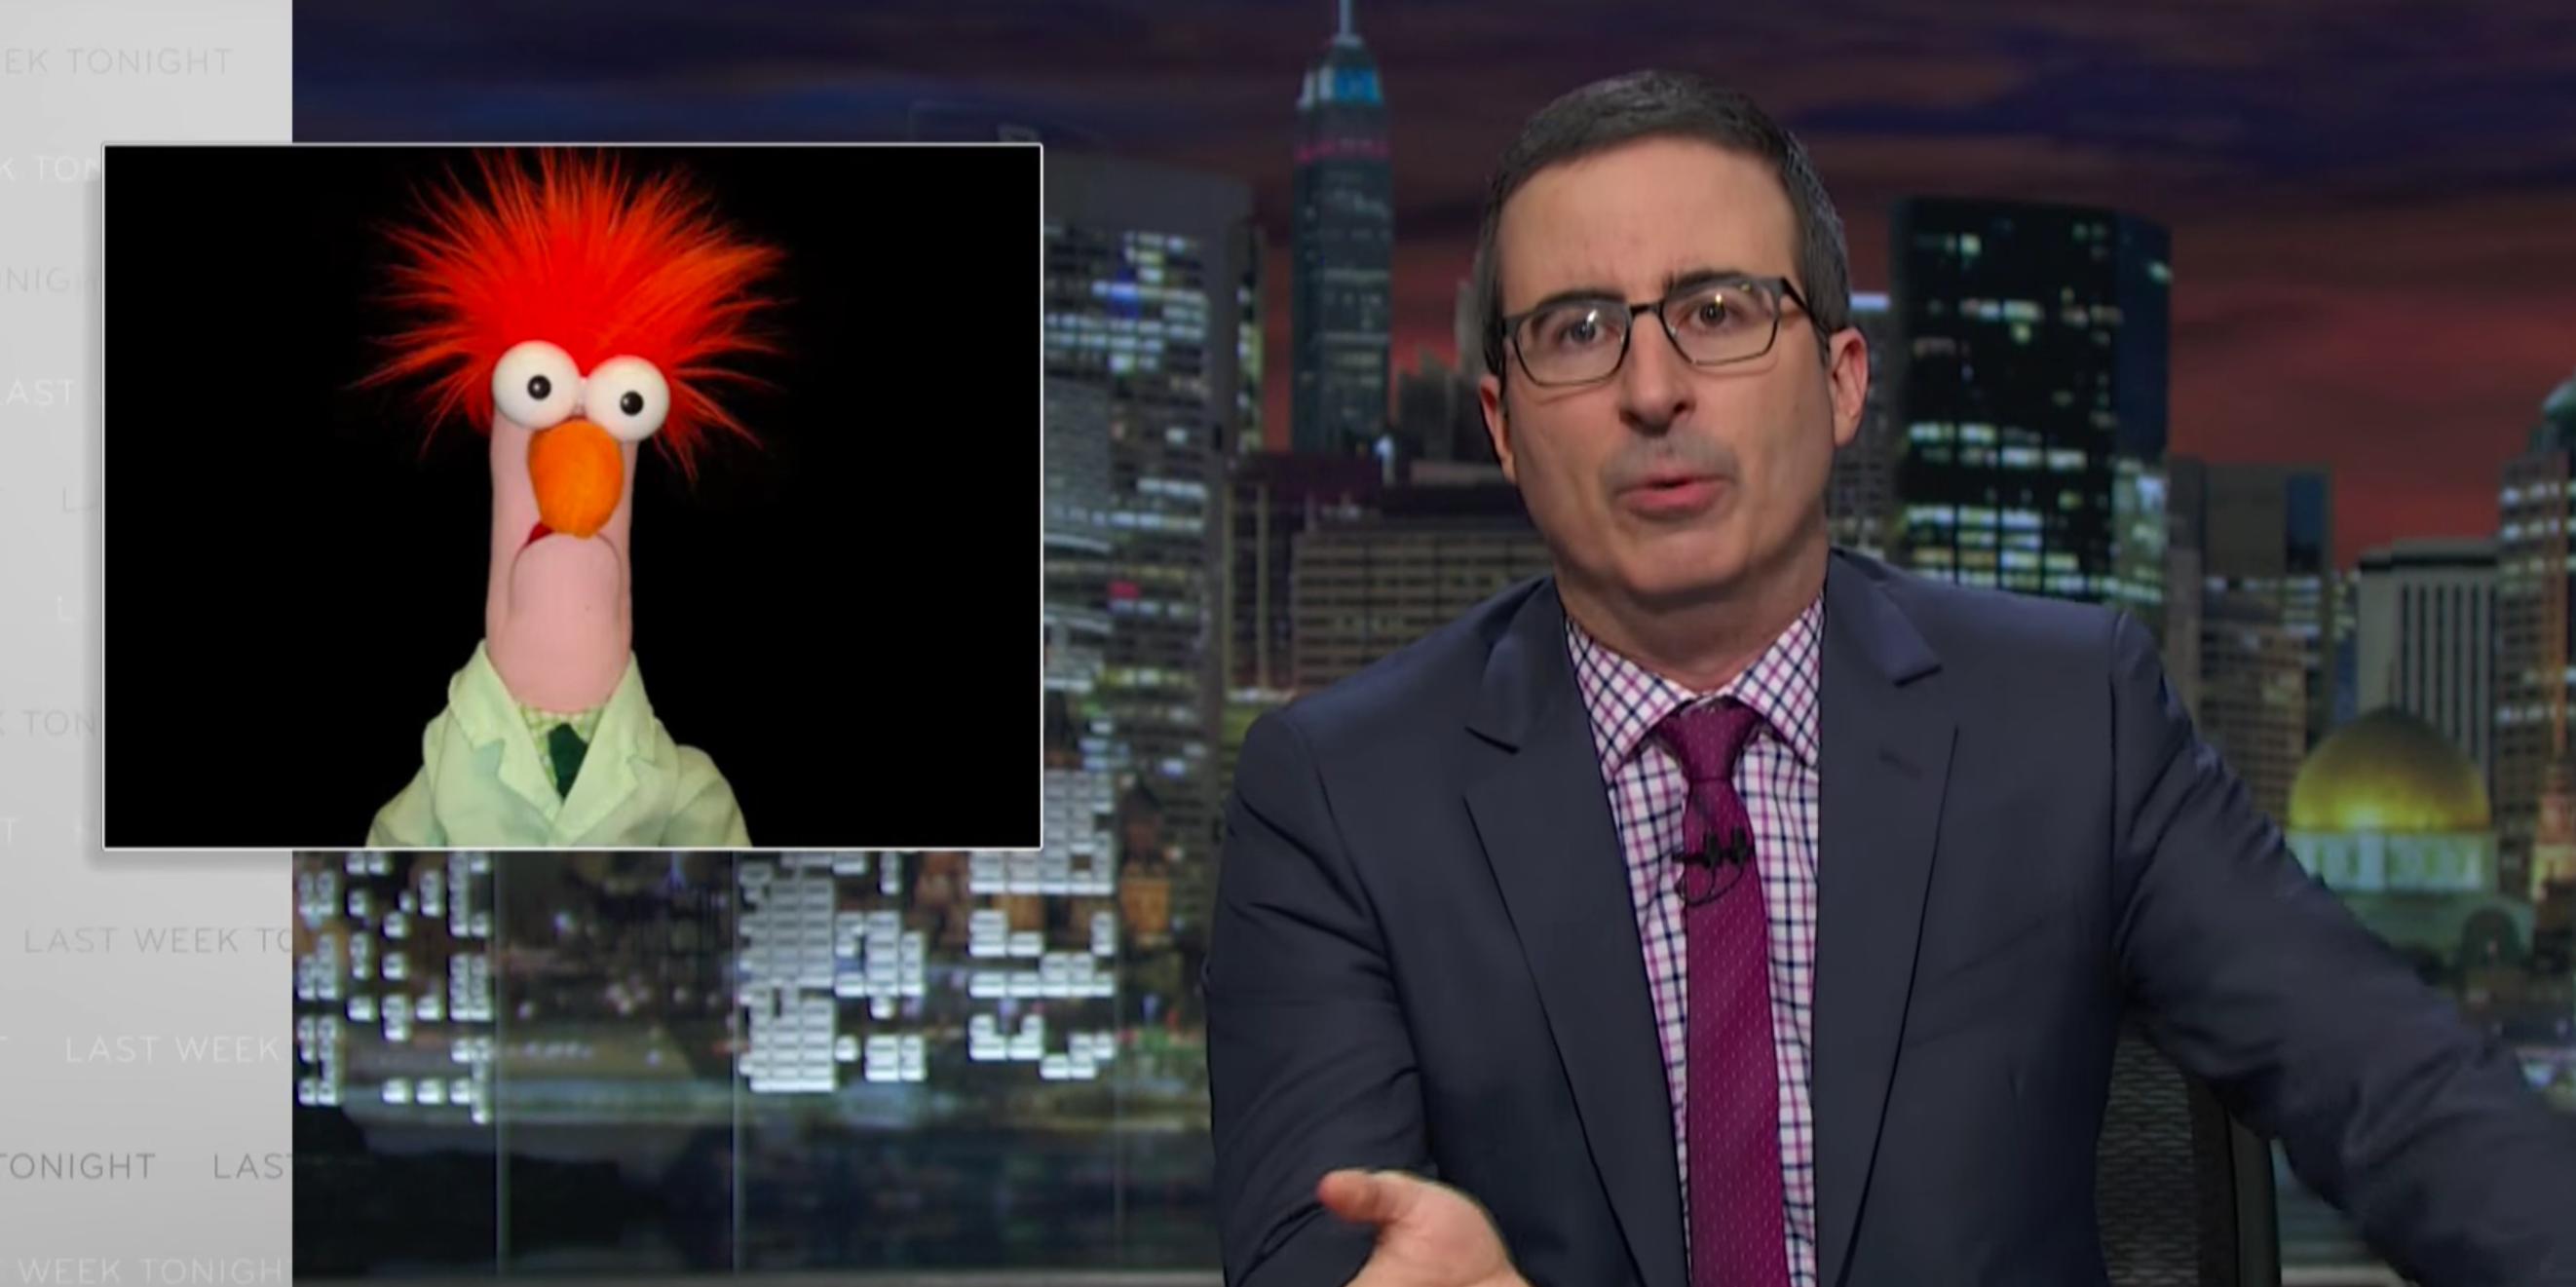 John Oliver Mocks Scientific Study Reports on 'Last Week Tonight,' Debuts Todd Talks